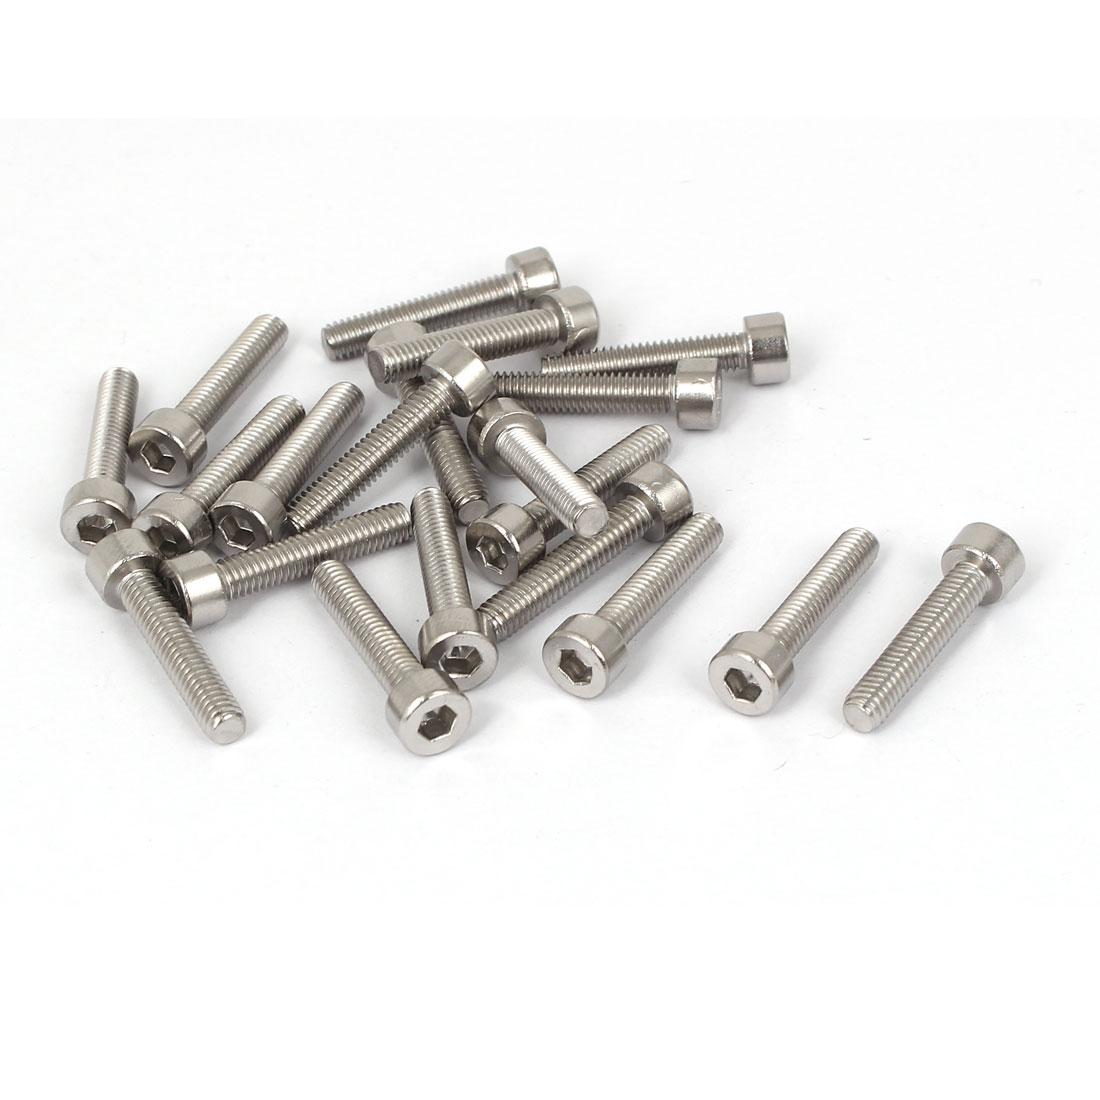 20 Pcs M4x20mm 316 Stainless Steel Metric Hex Socket Head Cap Screws Fasteners